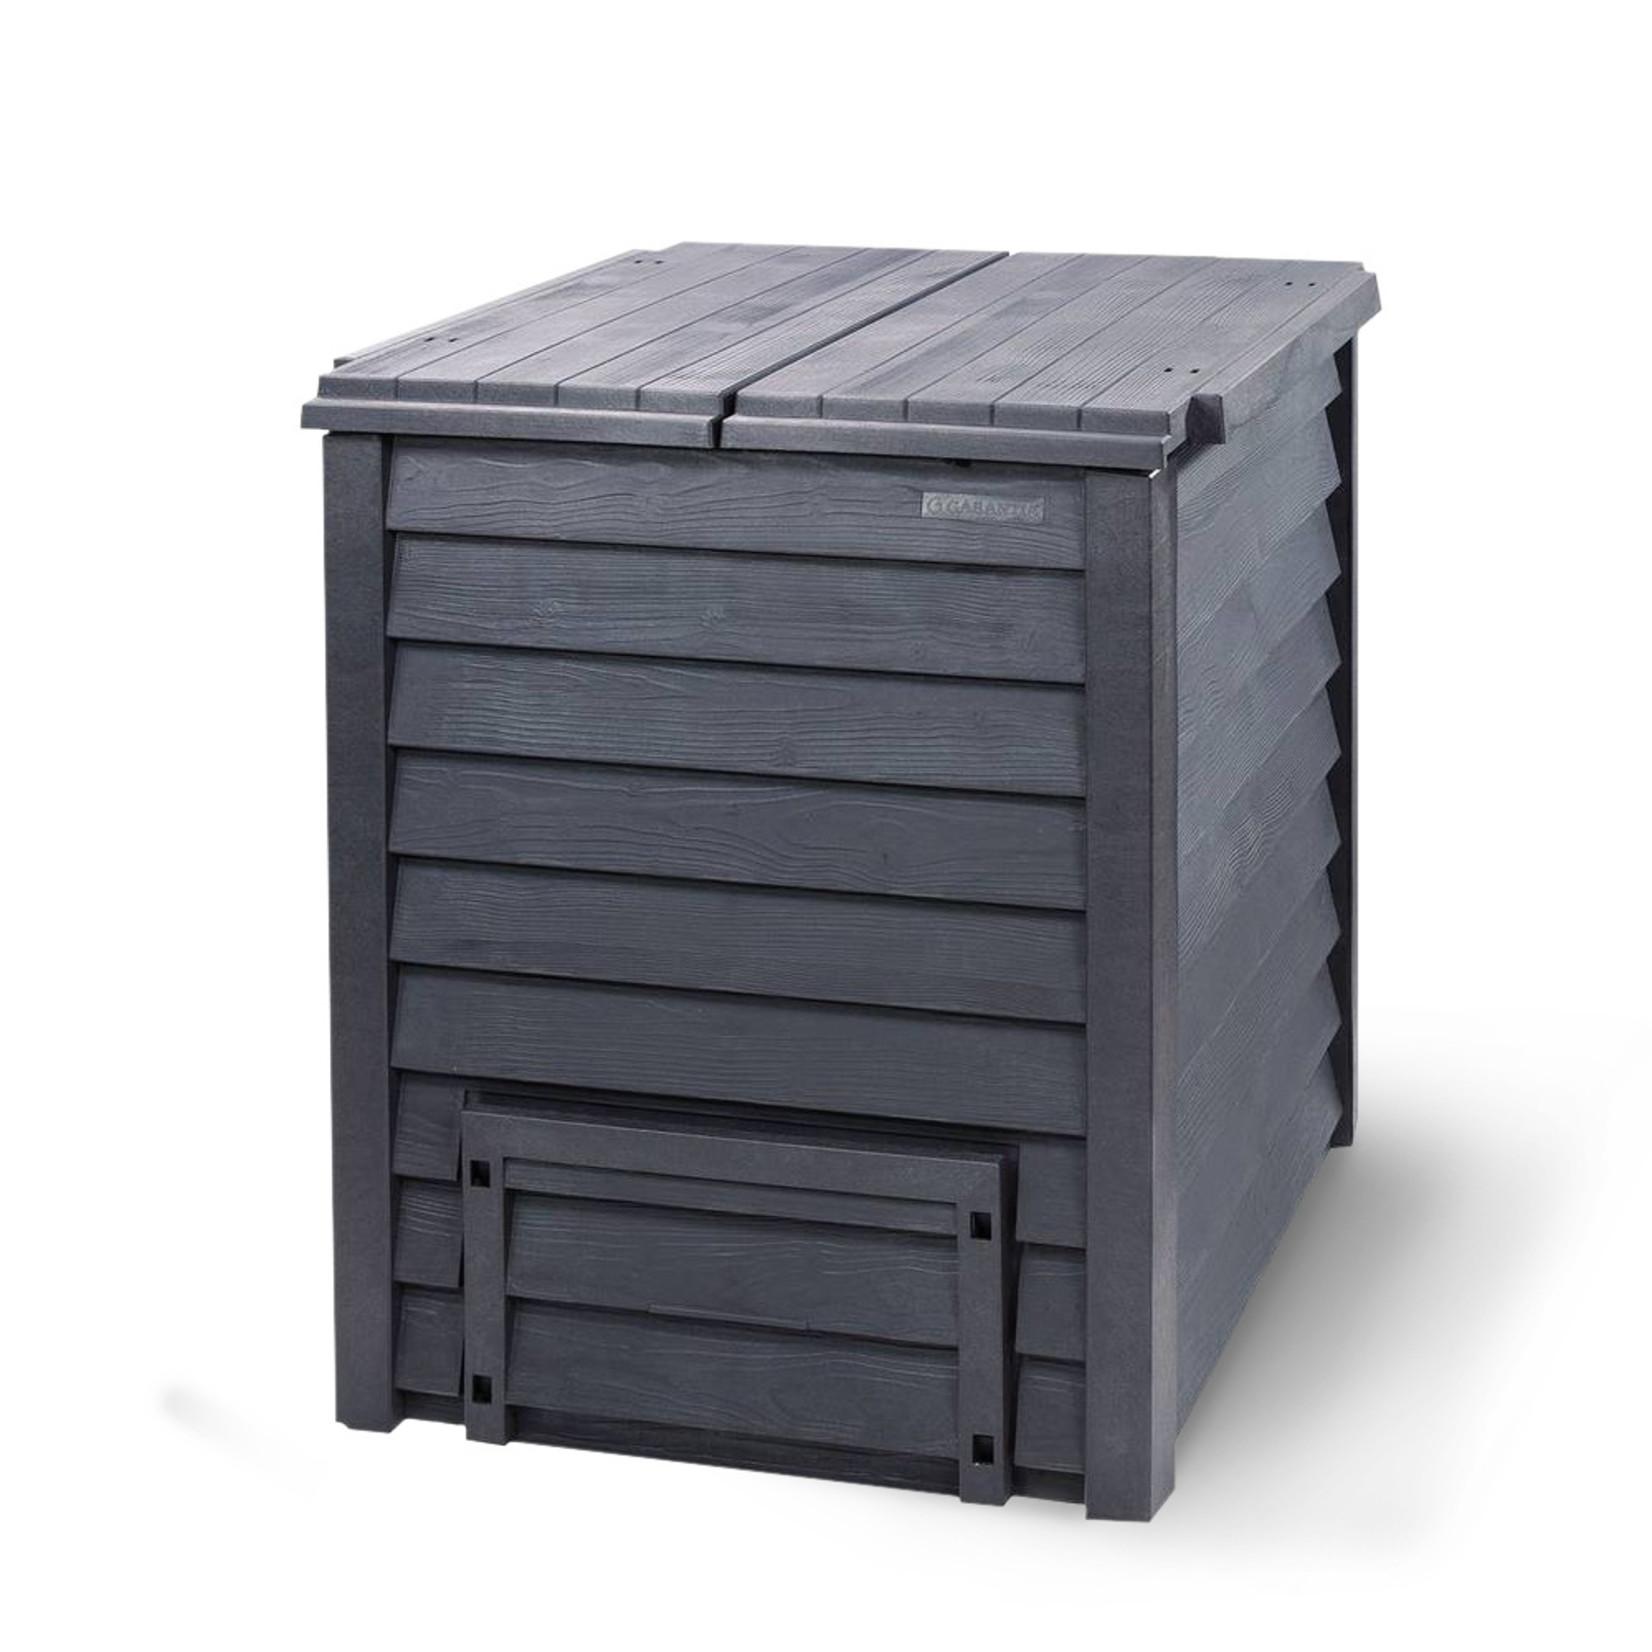 Meuwissen Agro Compostvat Thermo-Wood 600 bruin-zwart 80 x 80 x 95 cm